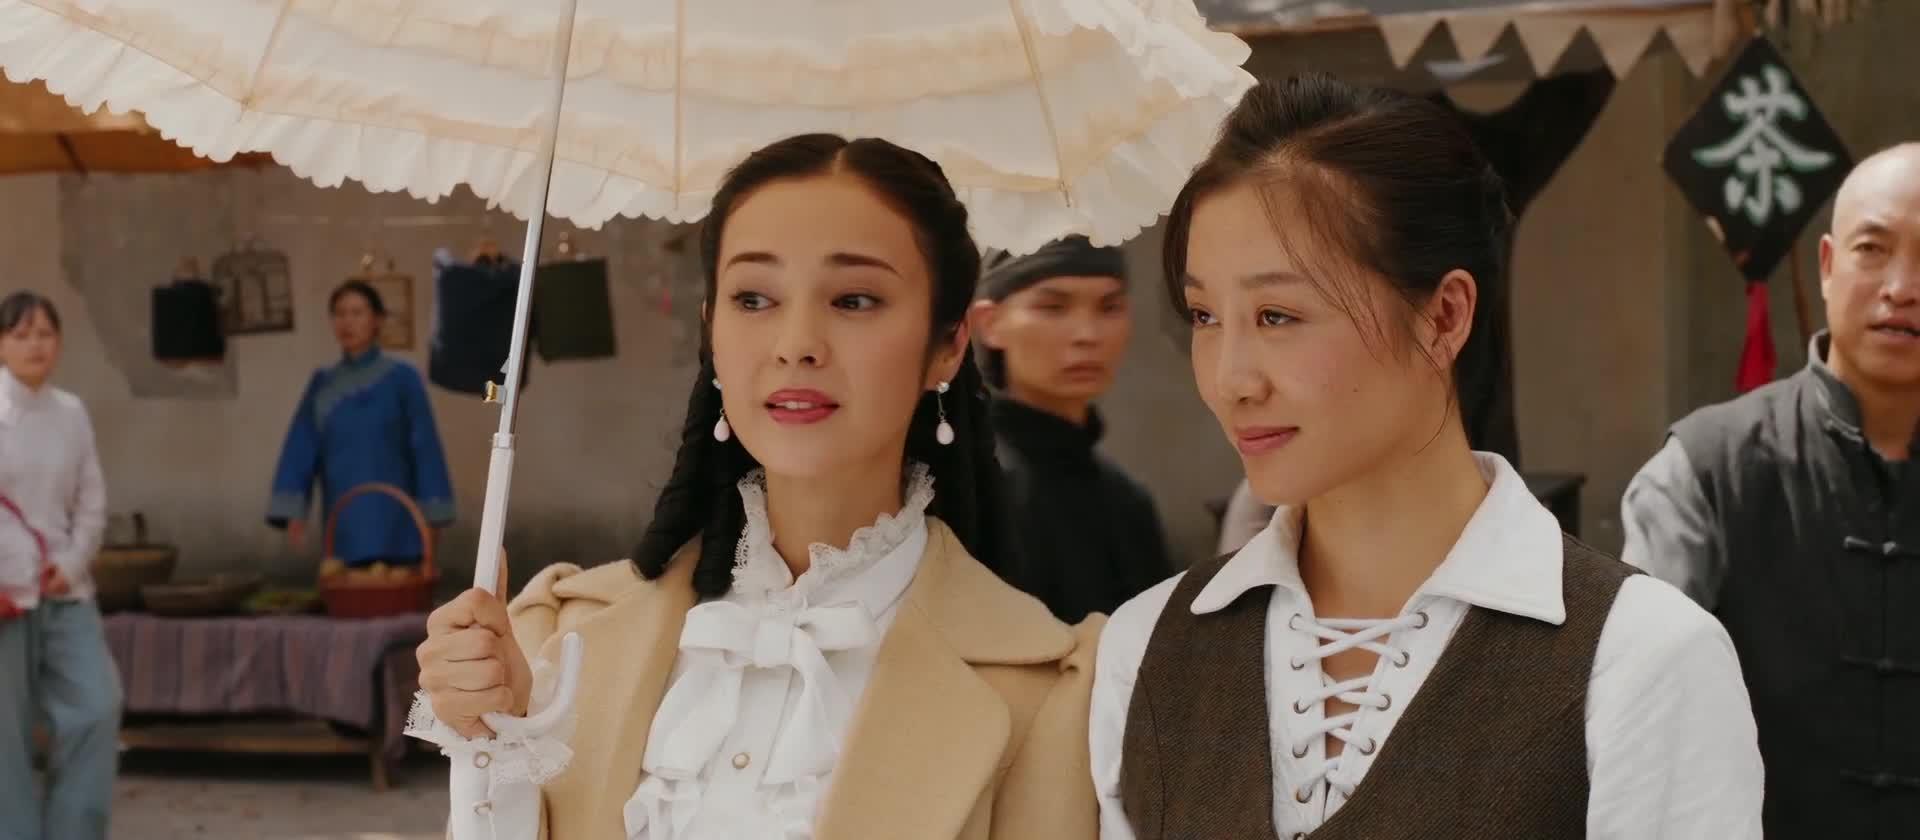 十三姨和路小月楚门逛街看表演,中国文化好丰富